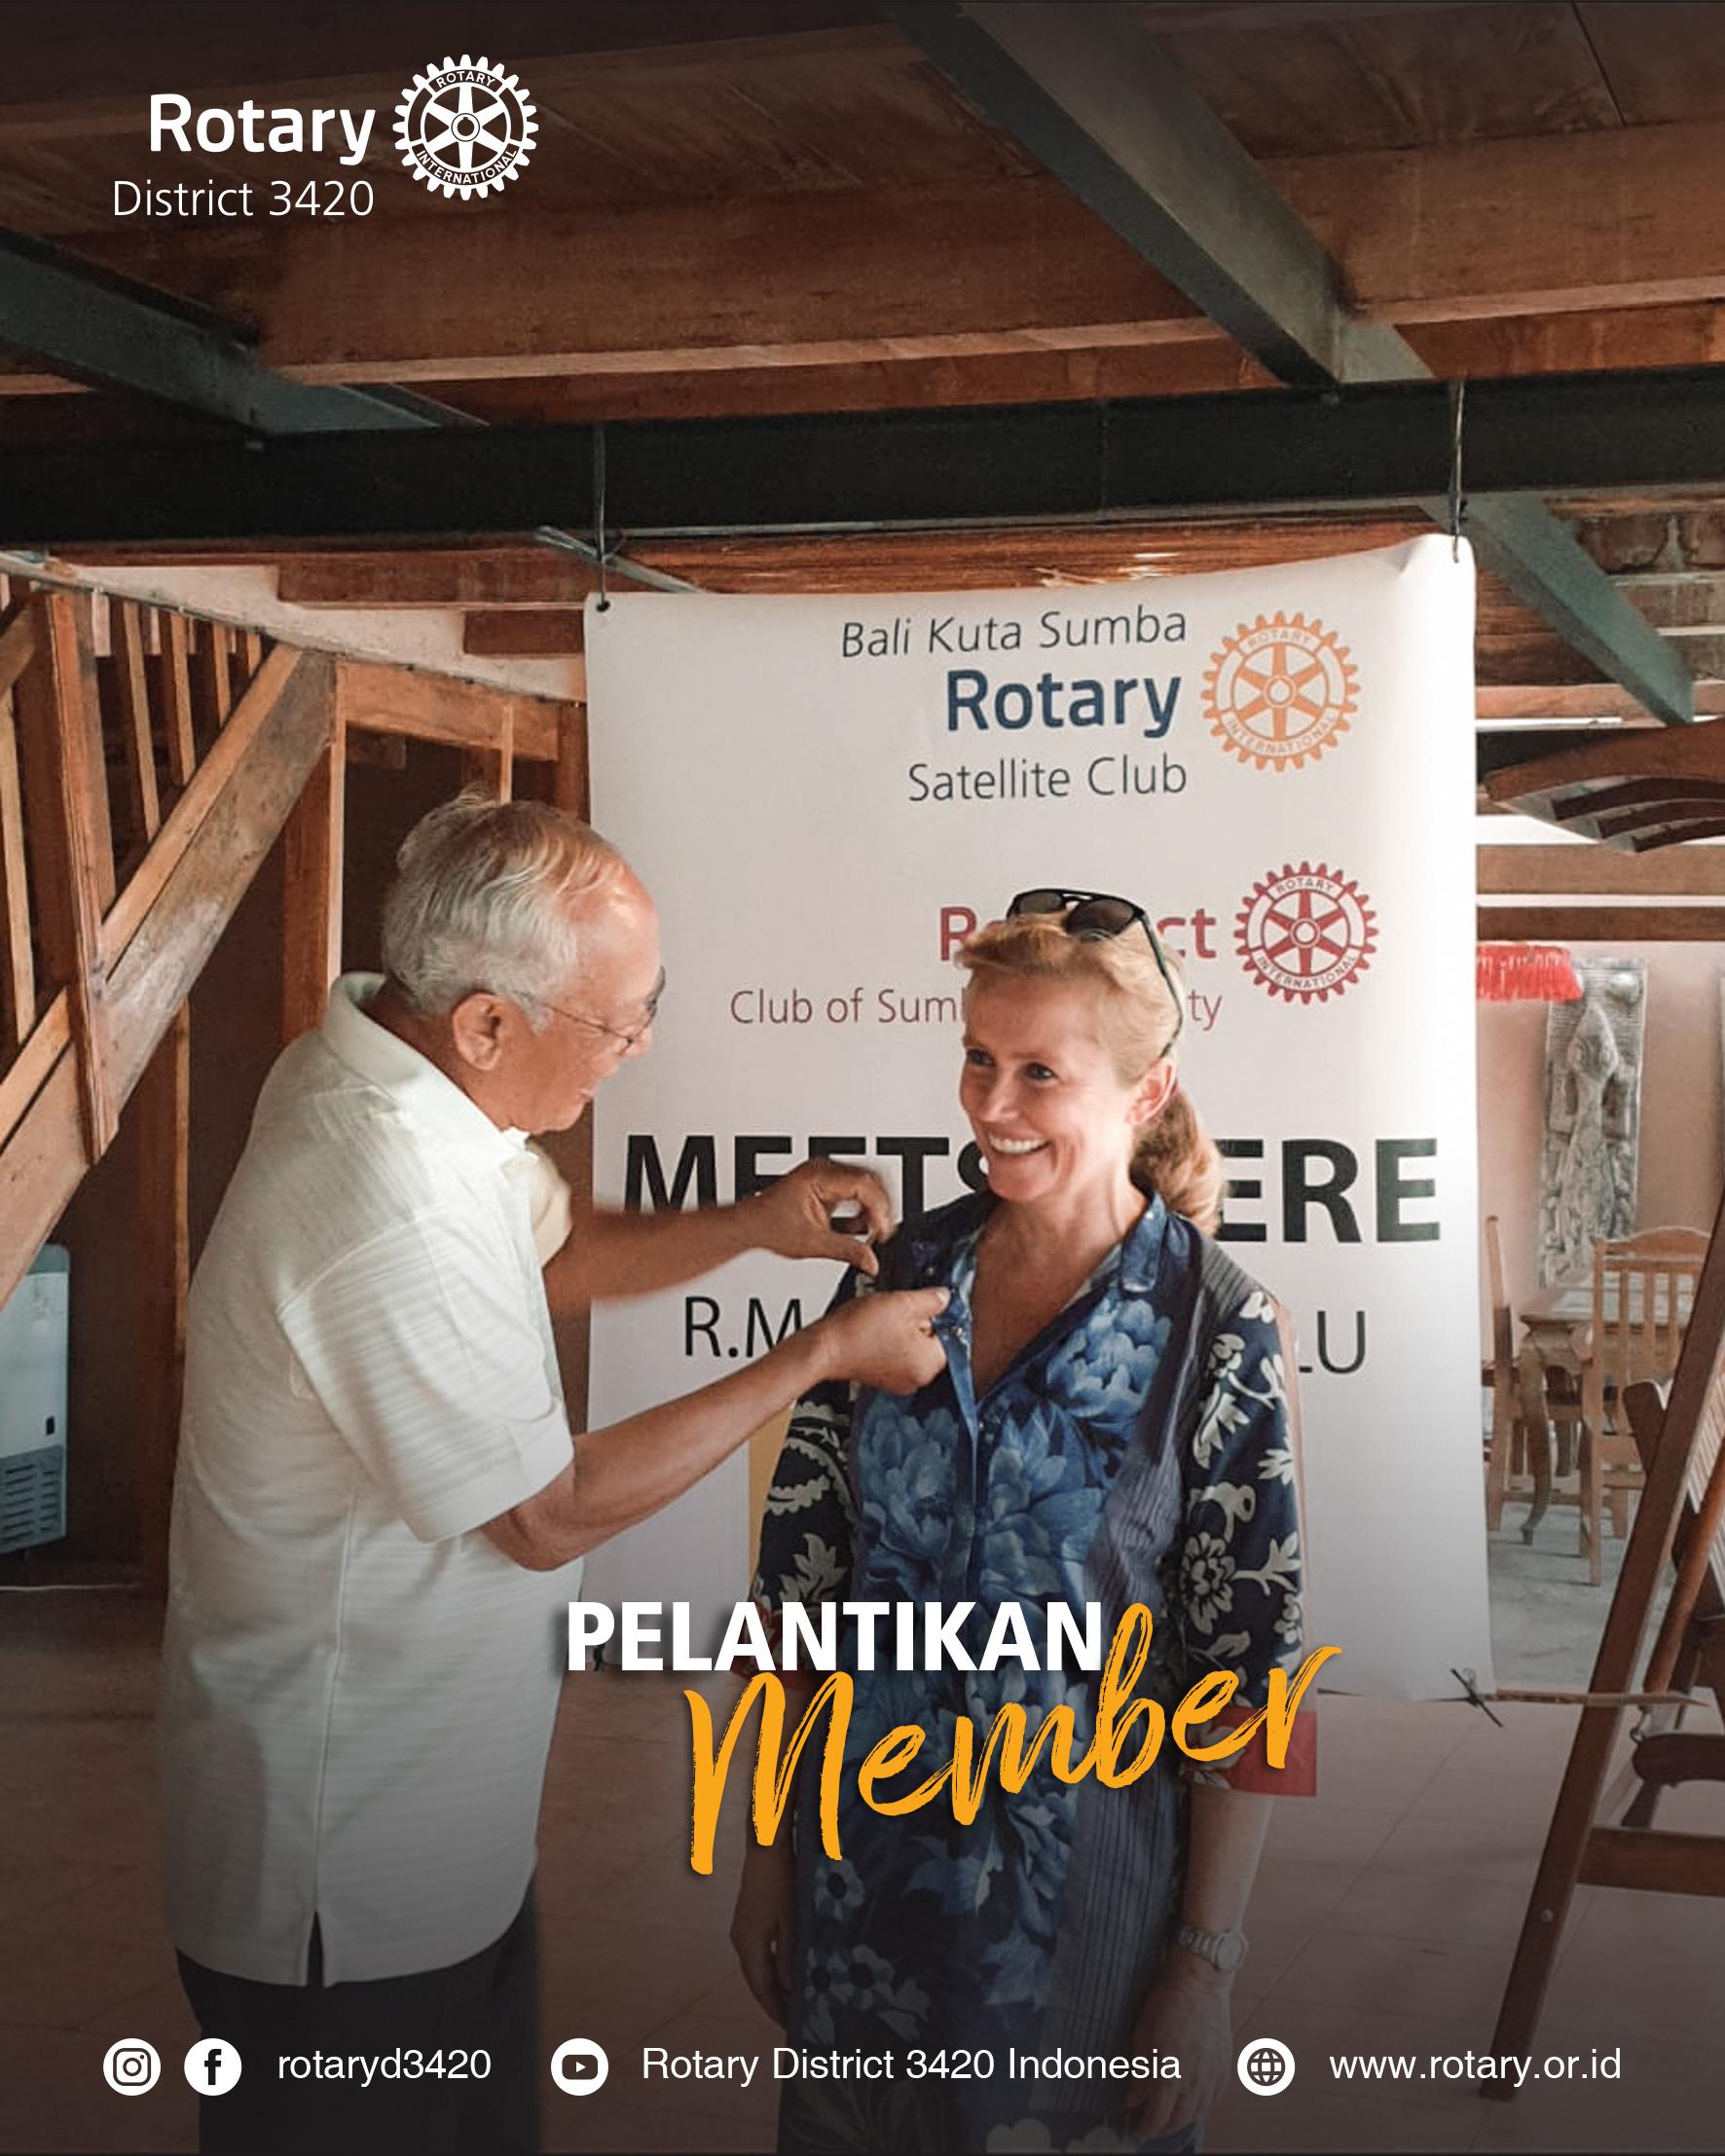 Pelantikan Rotary Satellite Club of Bali Kuta Sumba